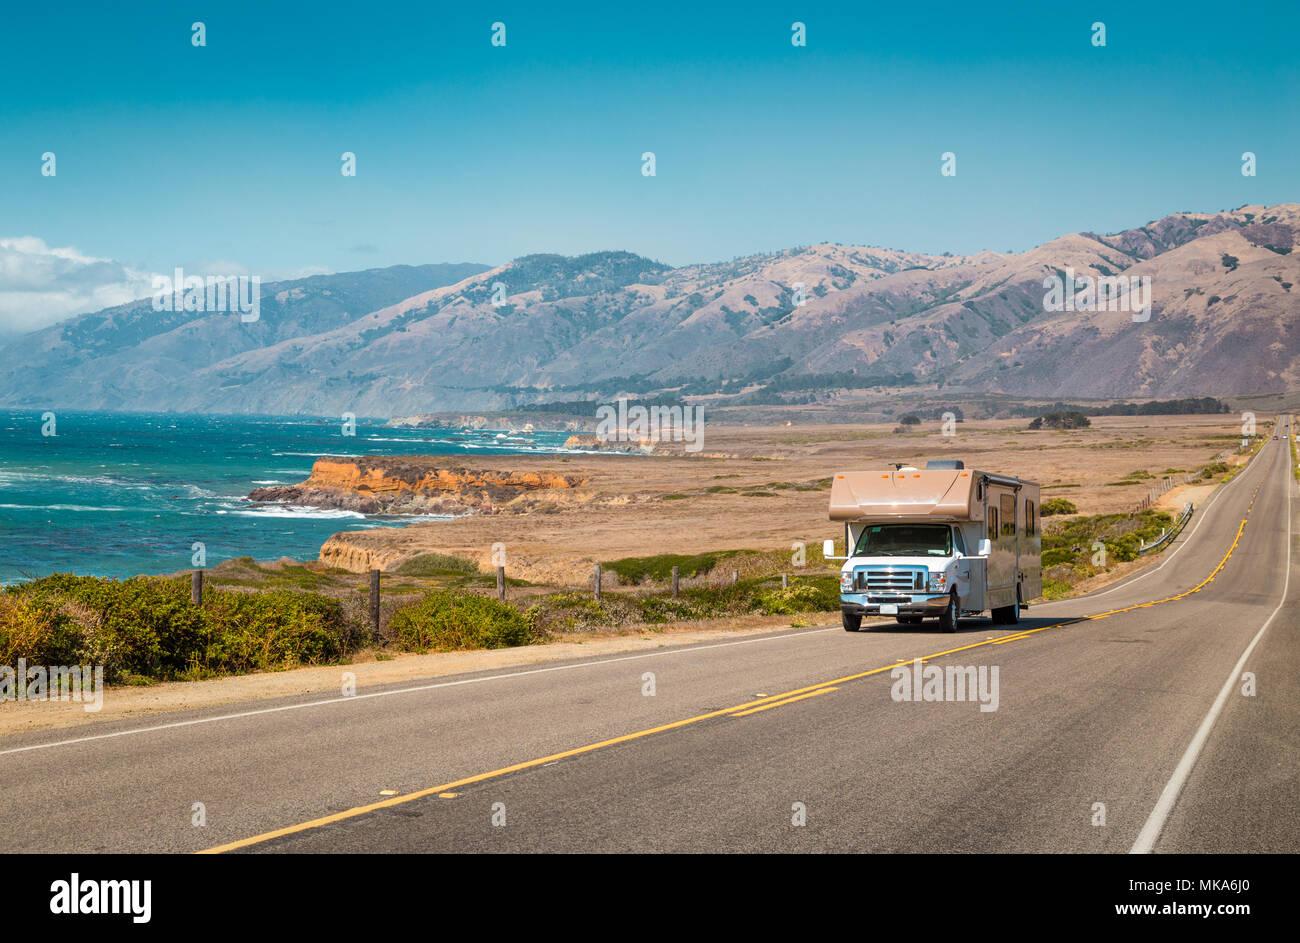 Vista panorámica de la conducción de vehículos recreativos en la famosa Highway 1 a lo largo de la hermosa costa Central de California, Big Sur, EE.UU. Imagen De Stock